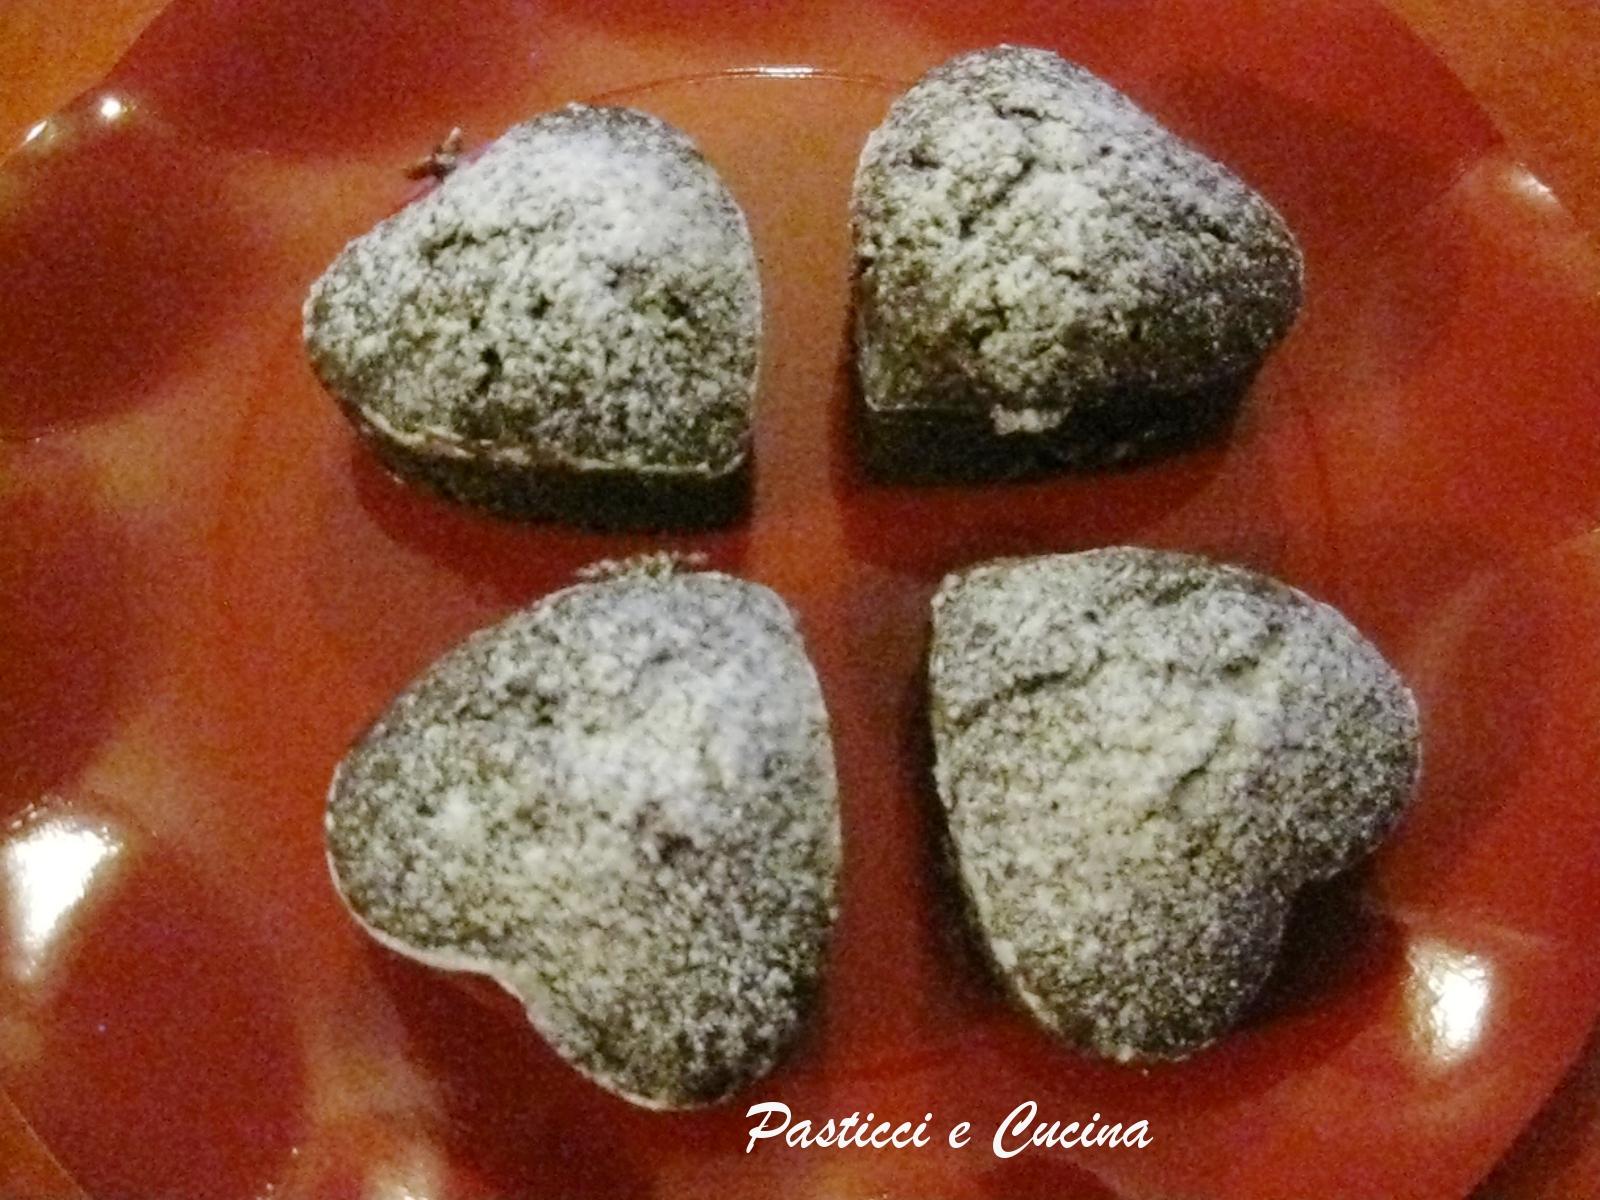 Pasticci e cucina muffin a cuore con cioccolato e cocco - Cucina e pasticci ...